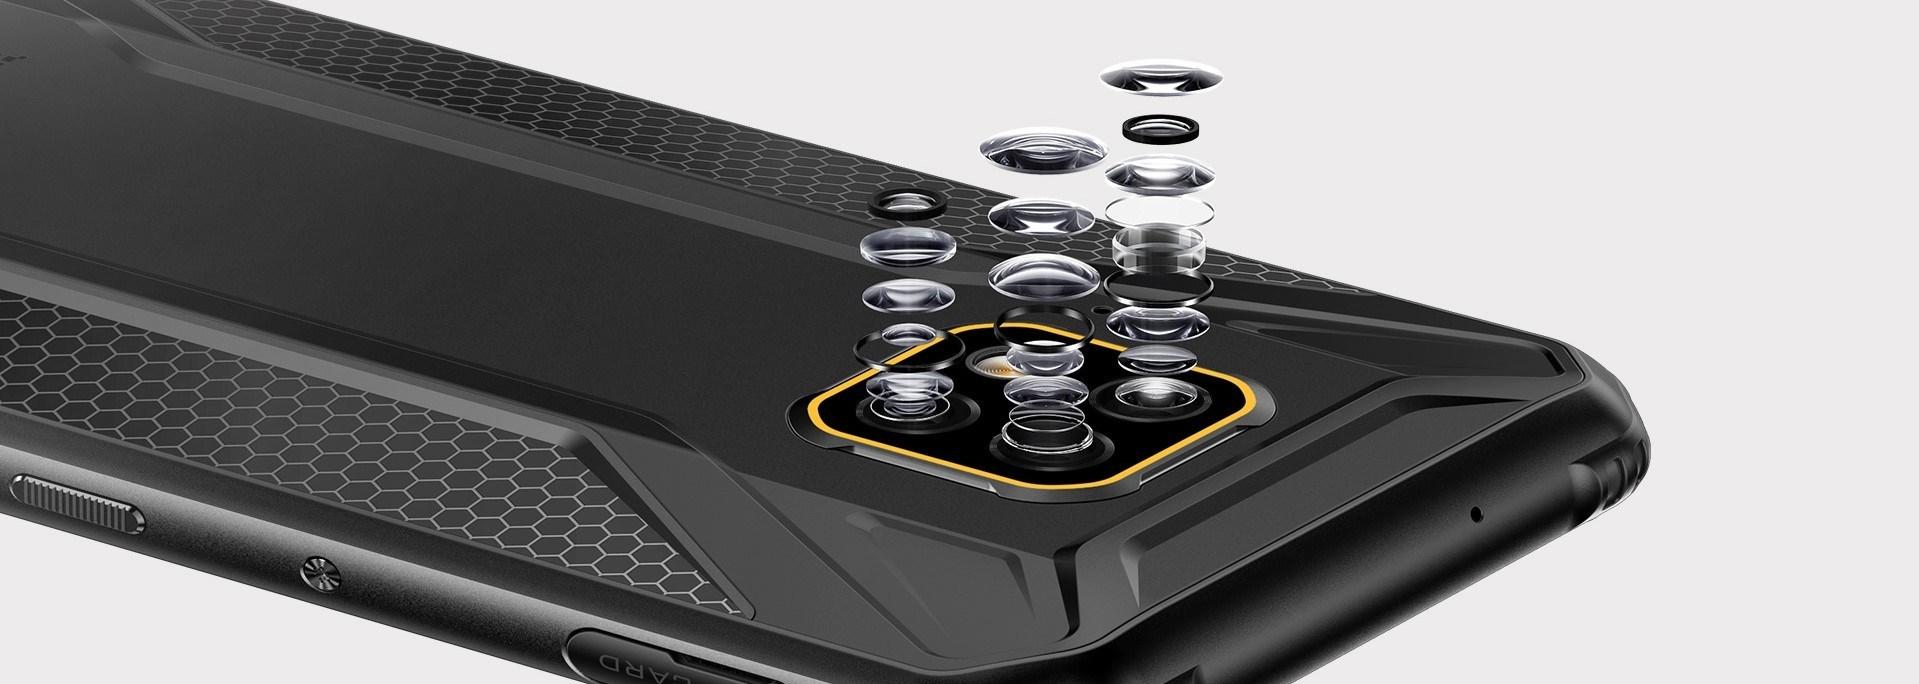 smartphone incassable Doogee, Doogee dévoile un autre smartphone incassable, le S95 Pro